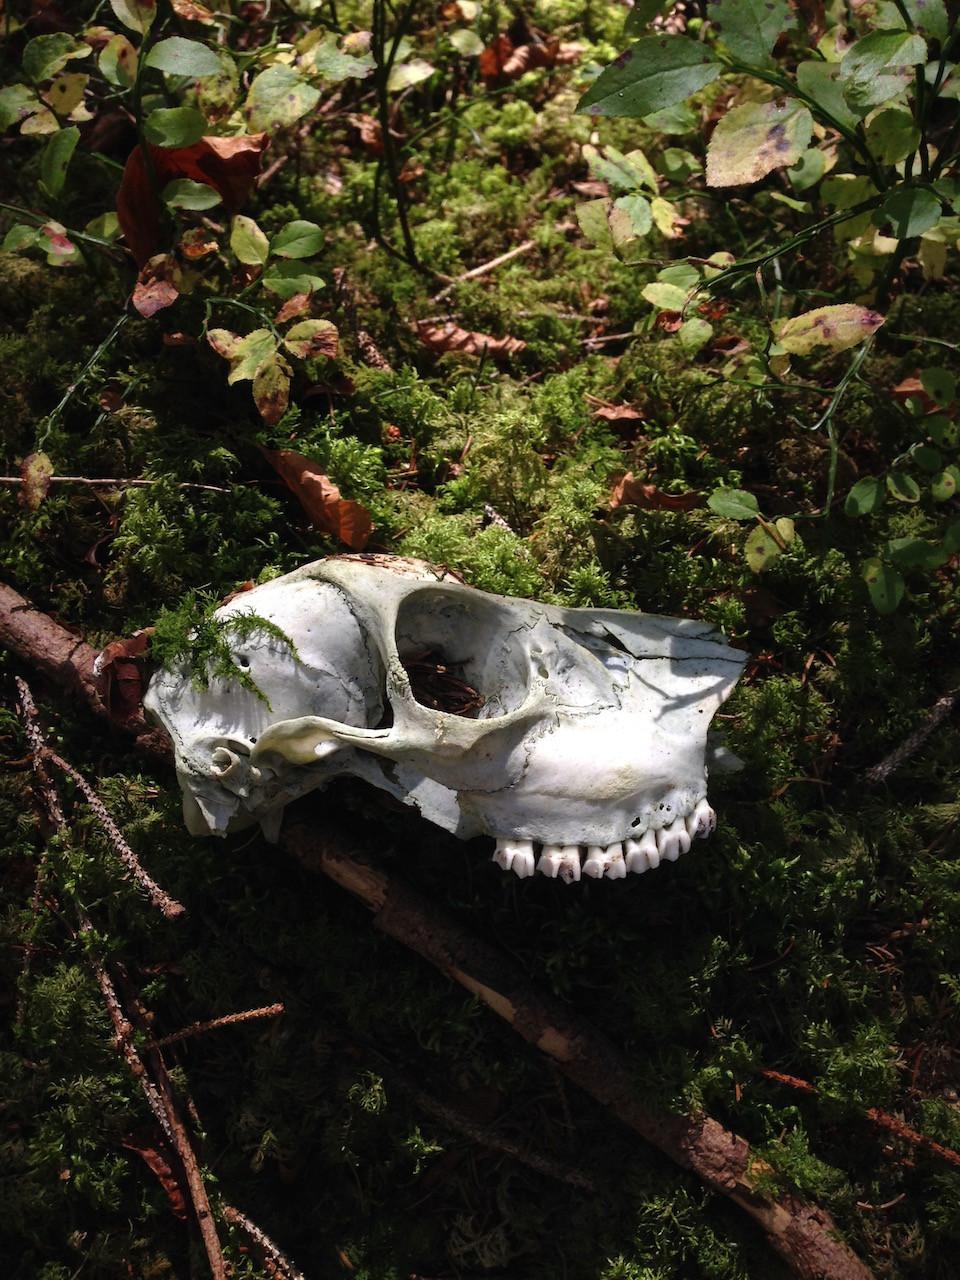 Dead animal head